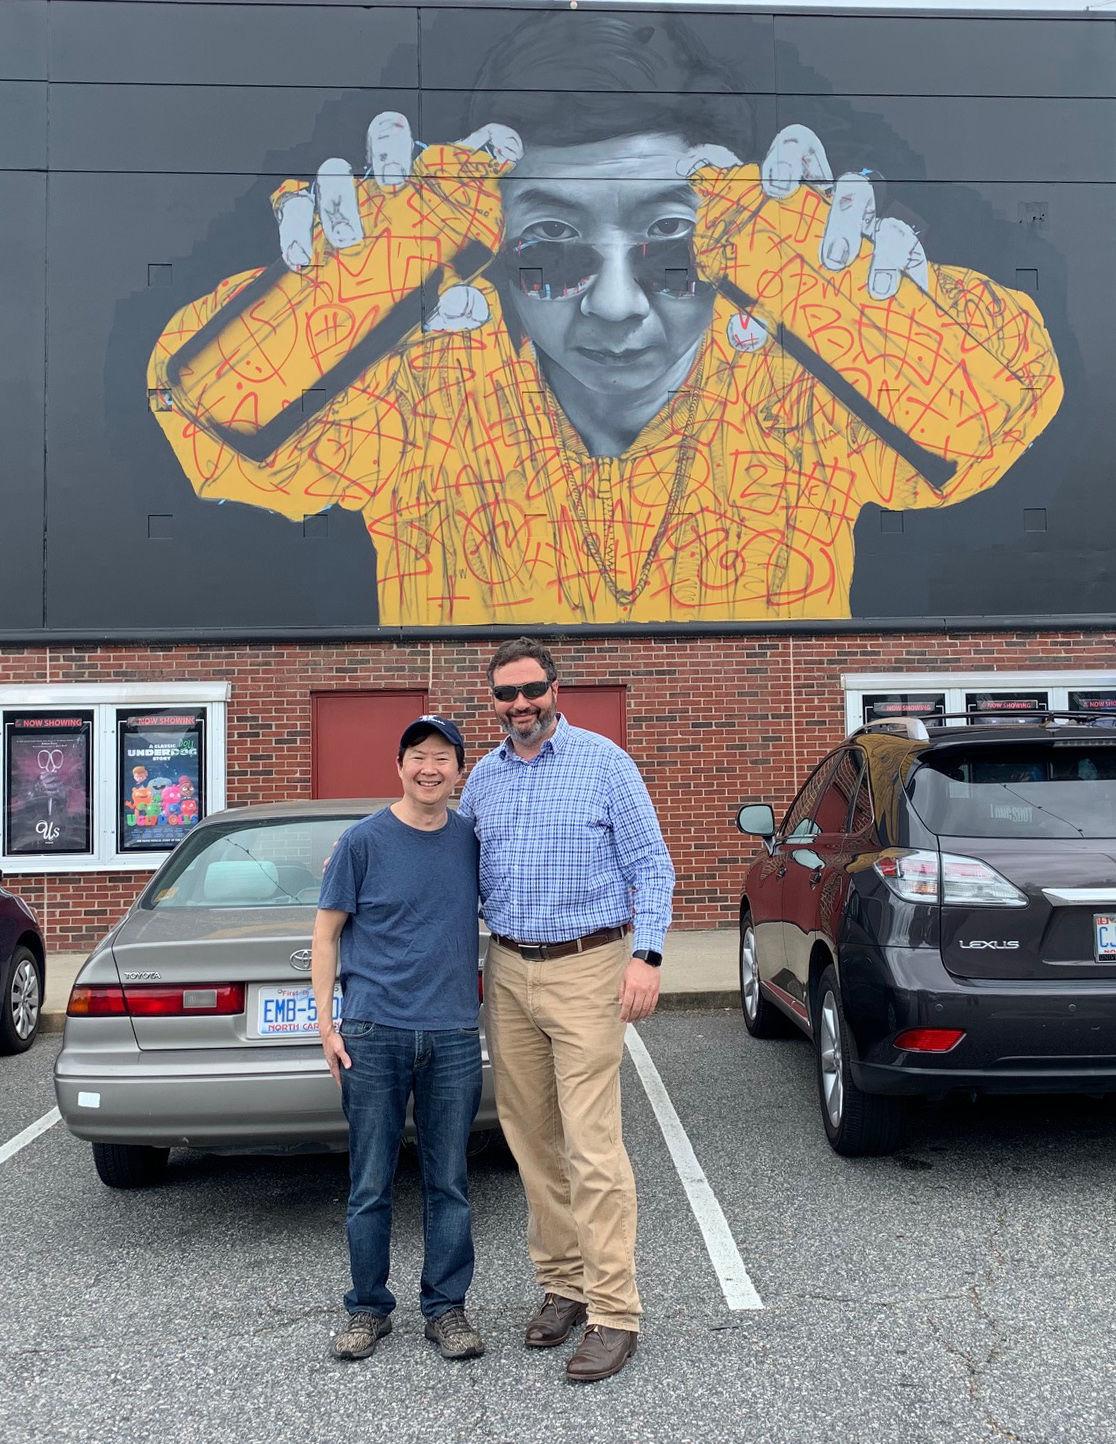 jeong and kotis at mural.jpg